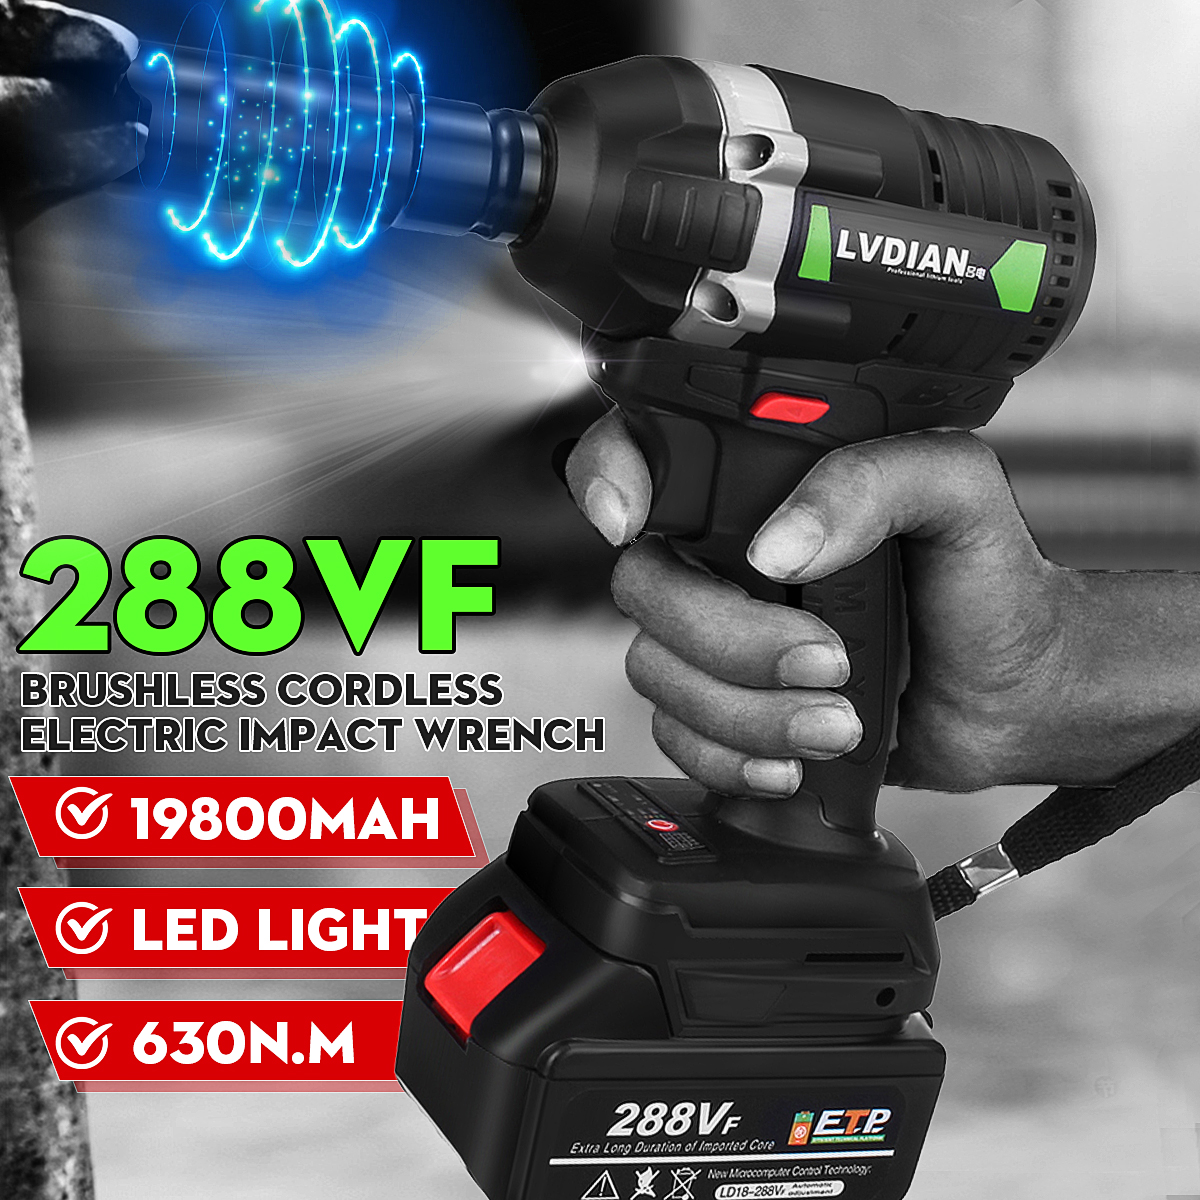 2020 New 110-240V 288VF 630N.m 1/2